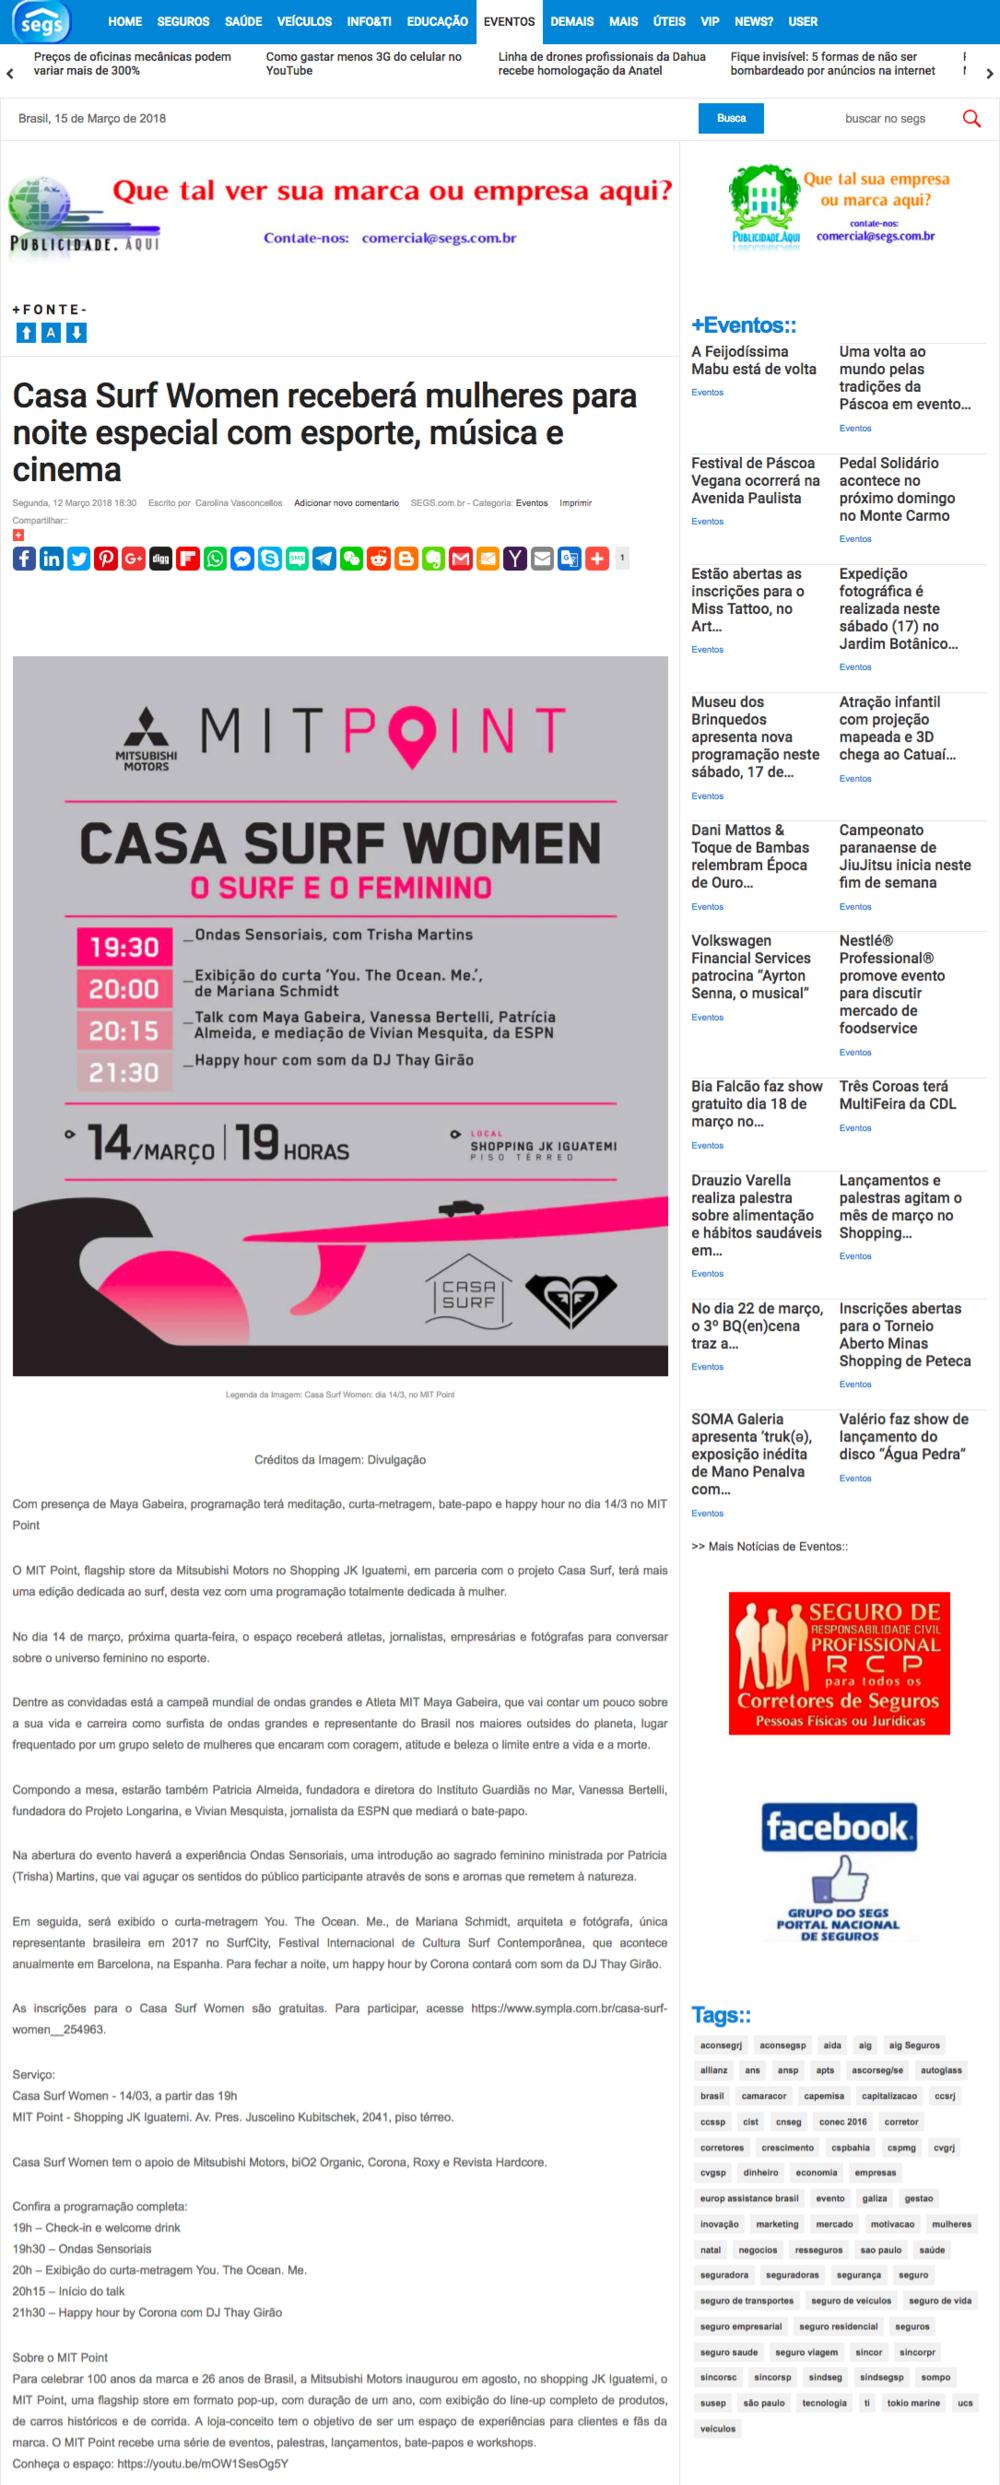 clipping-guardias-do-mar-patricia-almeida-segs-br-eventos-106769-casa-surf-women-recebera-mulheres-para-noite-especial-com-esporte-musica-e-cinema-2018-03-15-15_05_11.png